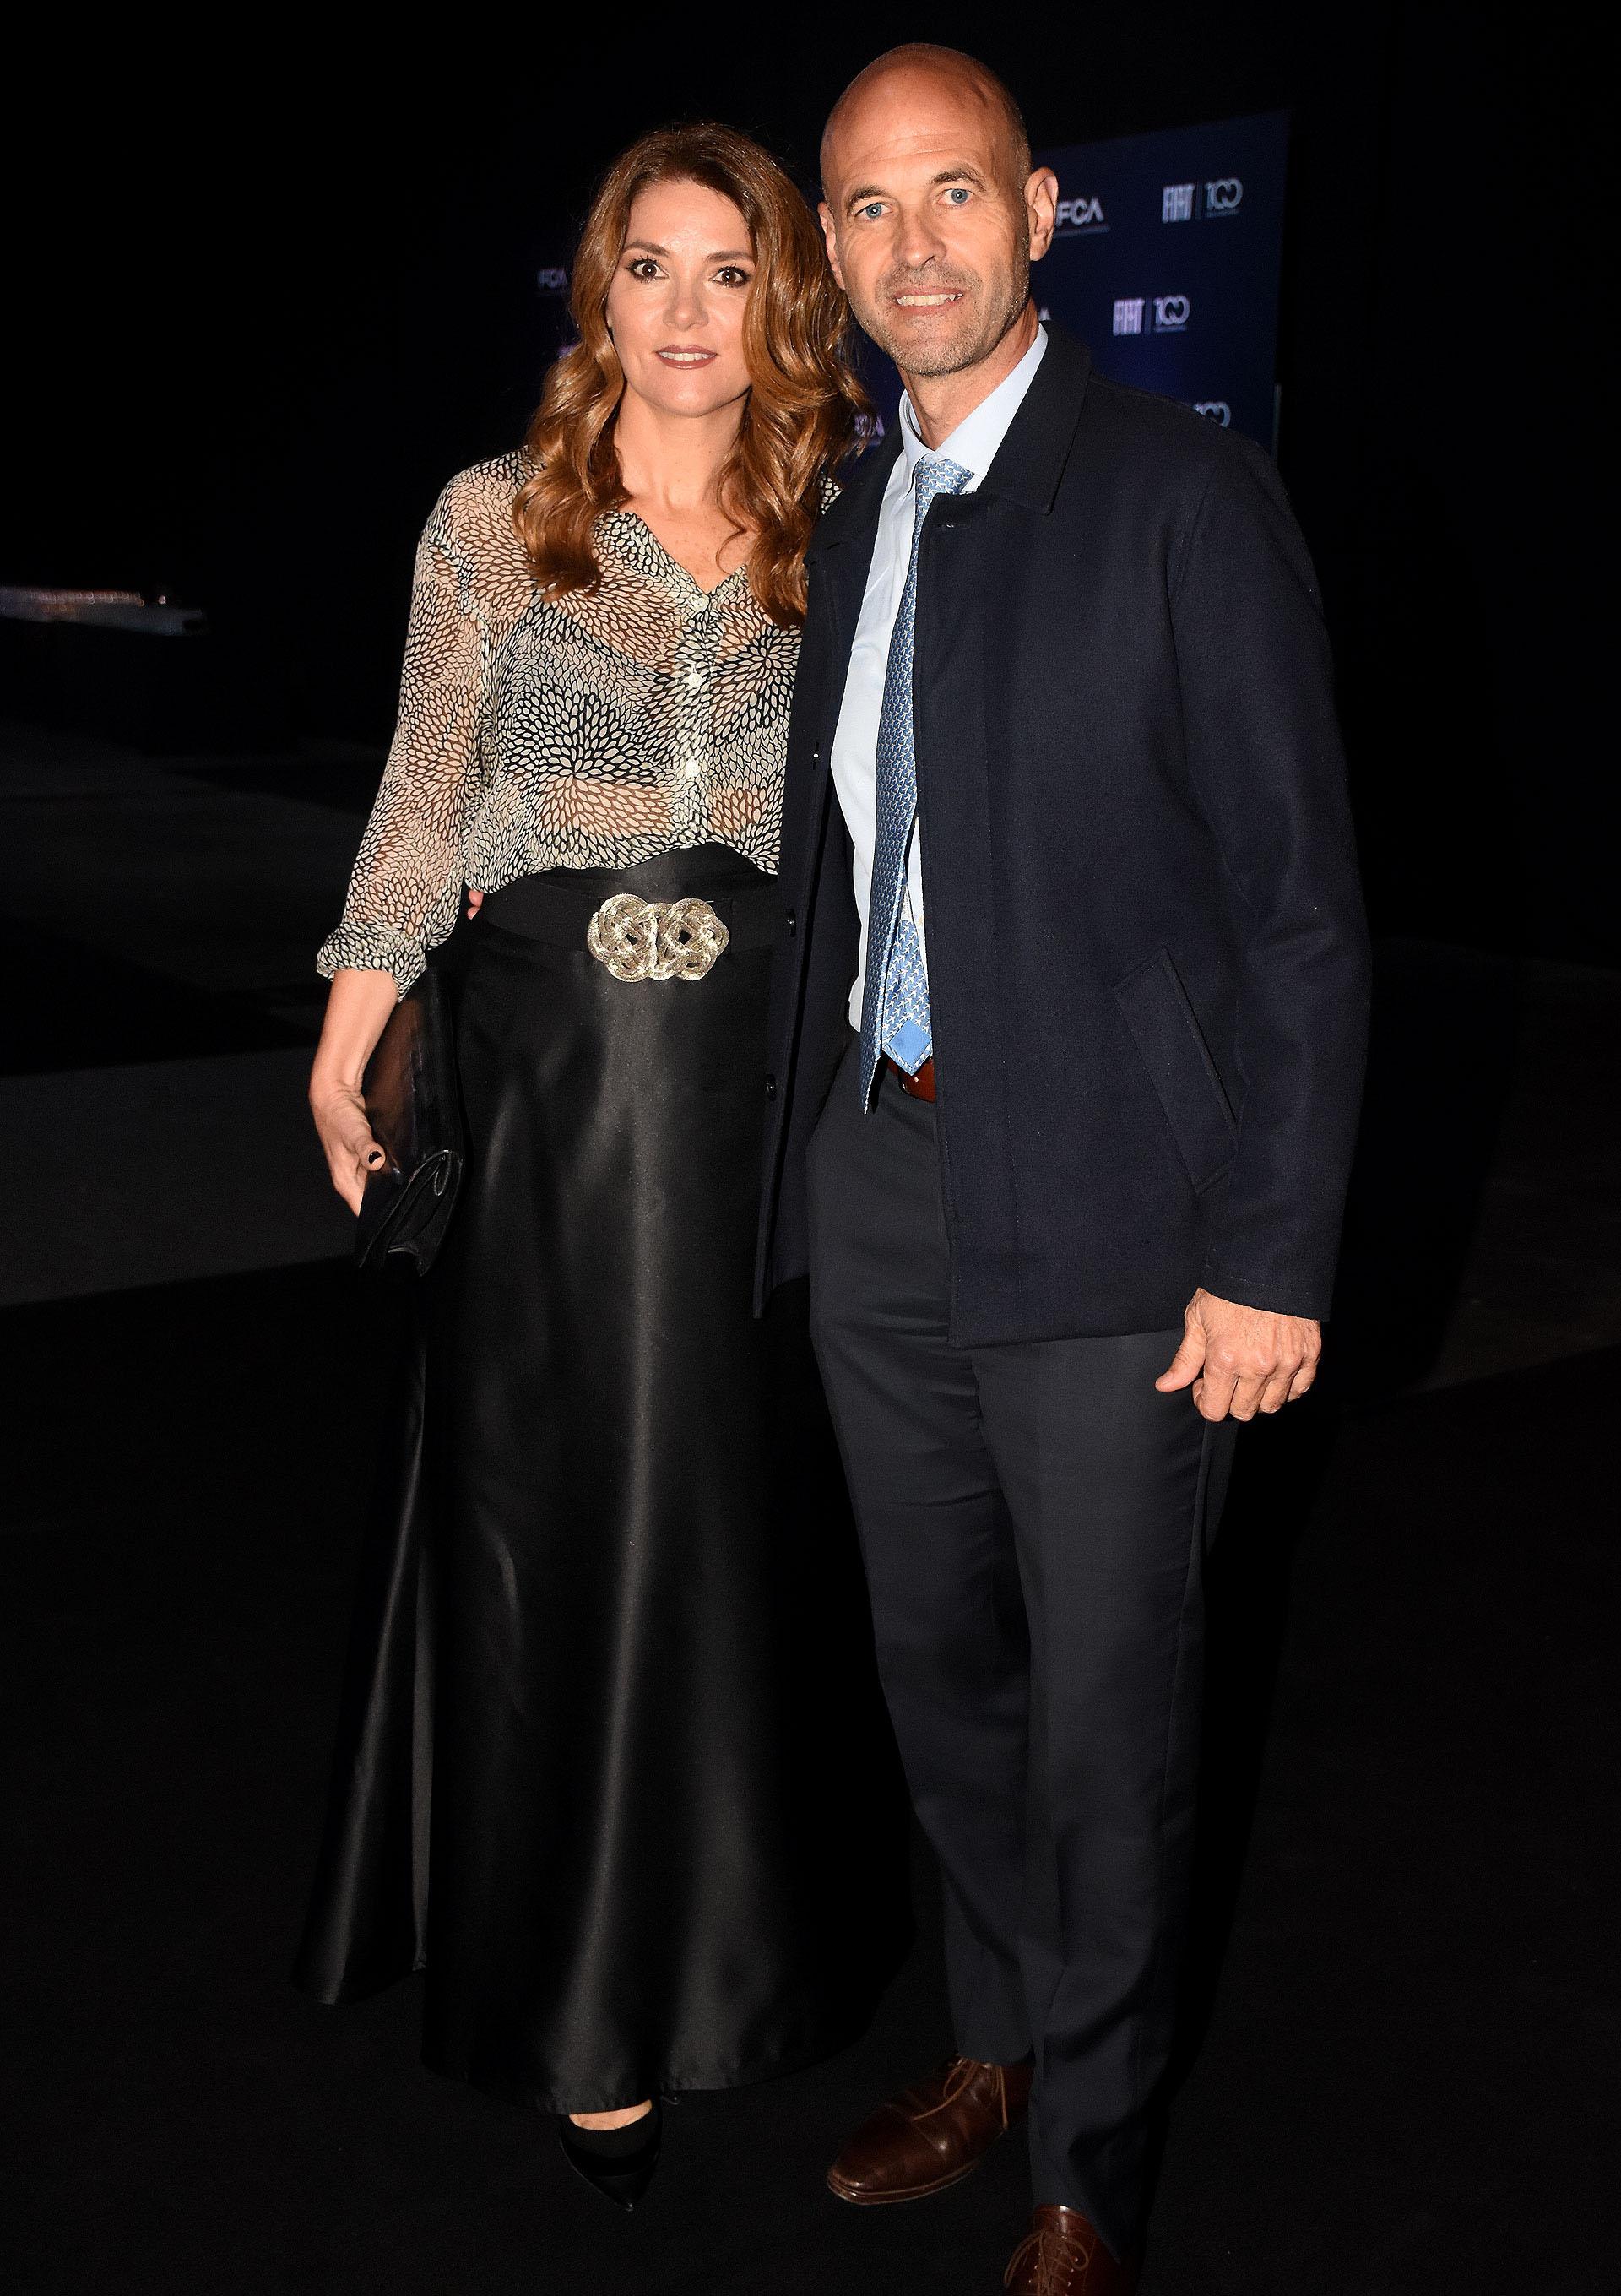 El ministro de Transporte, Guillermo Dietrich, y su mujer Javiera Álvarez Echagüe